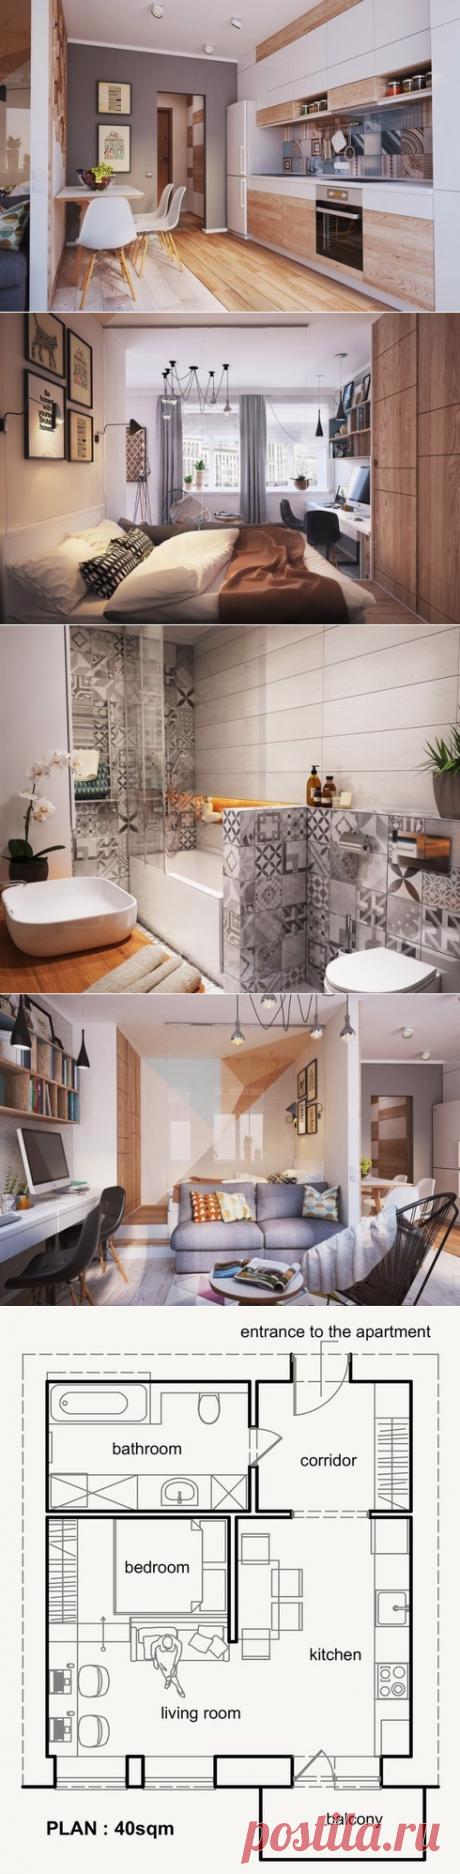 Современный интерьер студии 40 кв. м. - Дизайн интерьеров   Идеи вашего дома   Lodgers